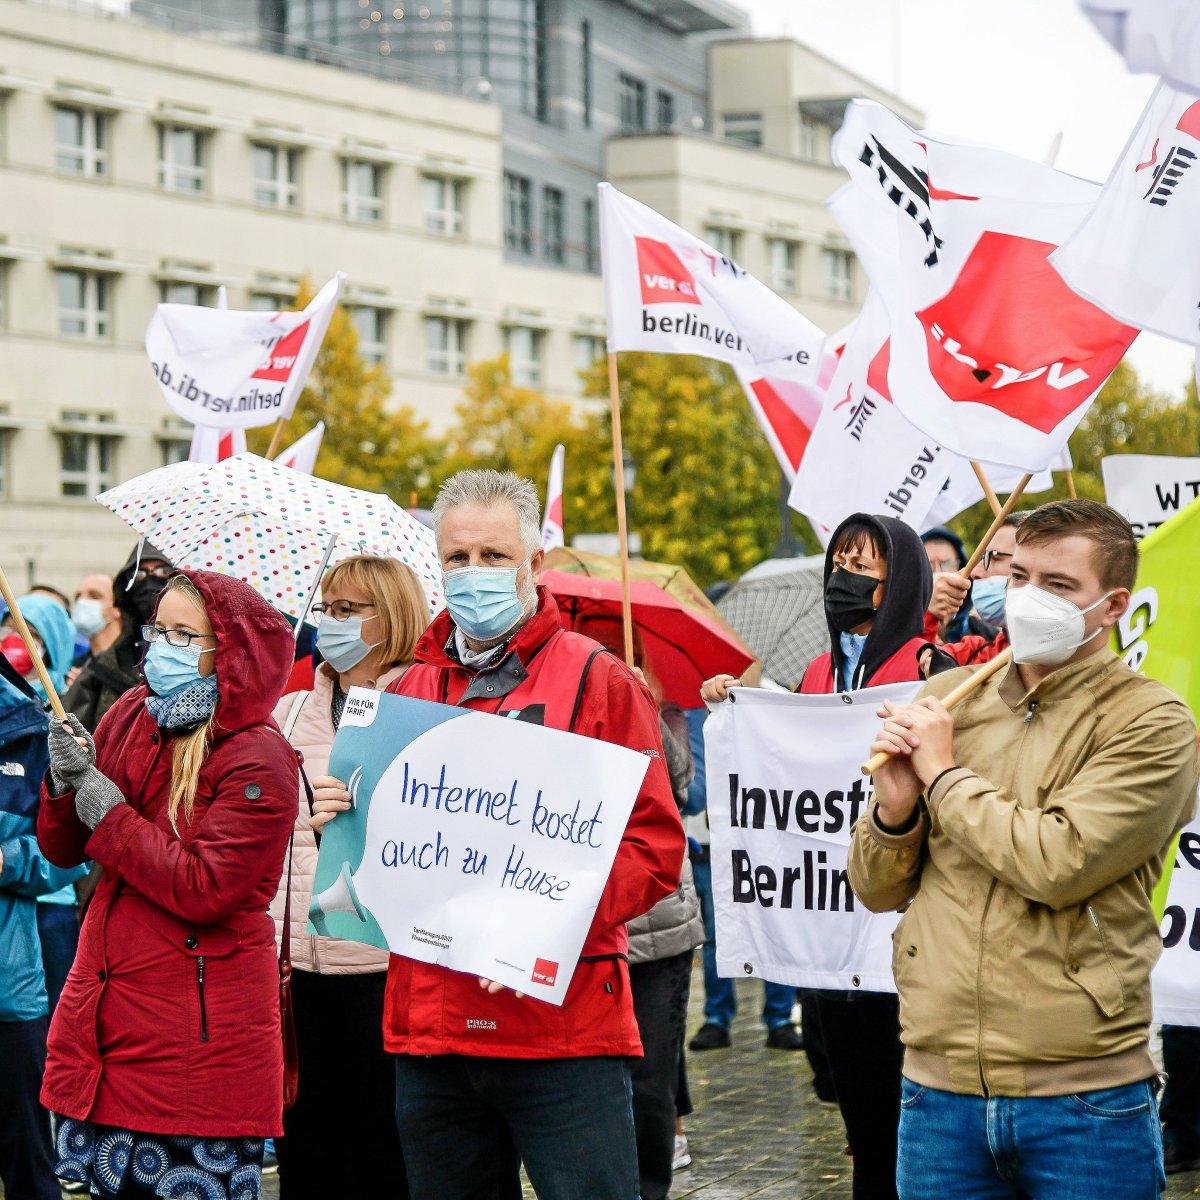 Hunderte Banken-Mitarbeiter streiken in Berlin - Berliner Morgenpost